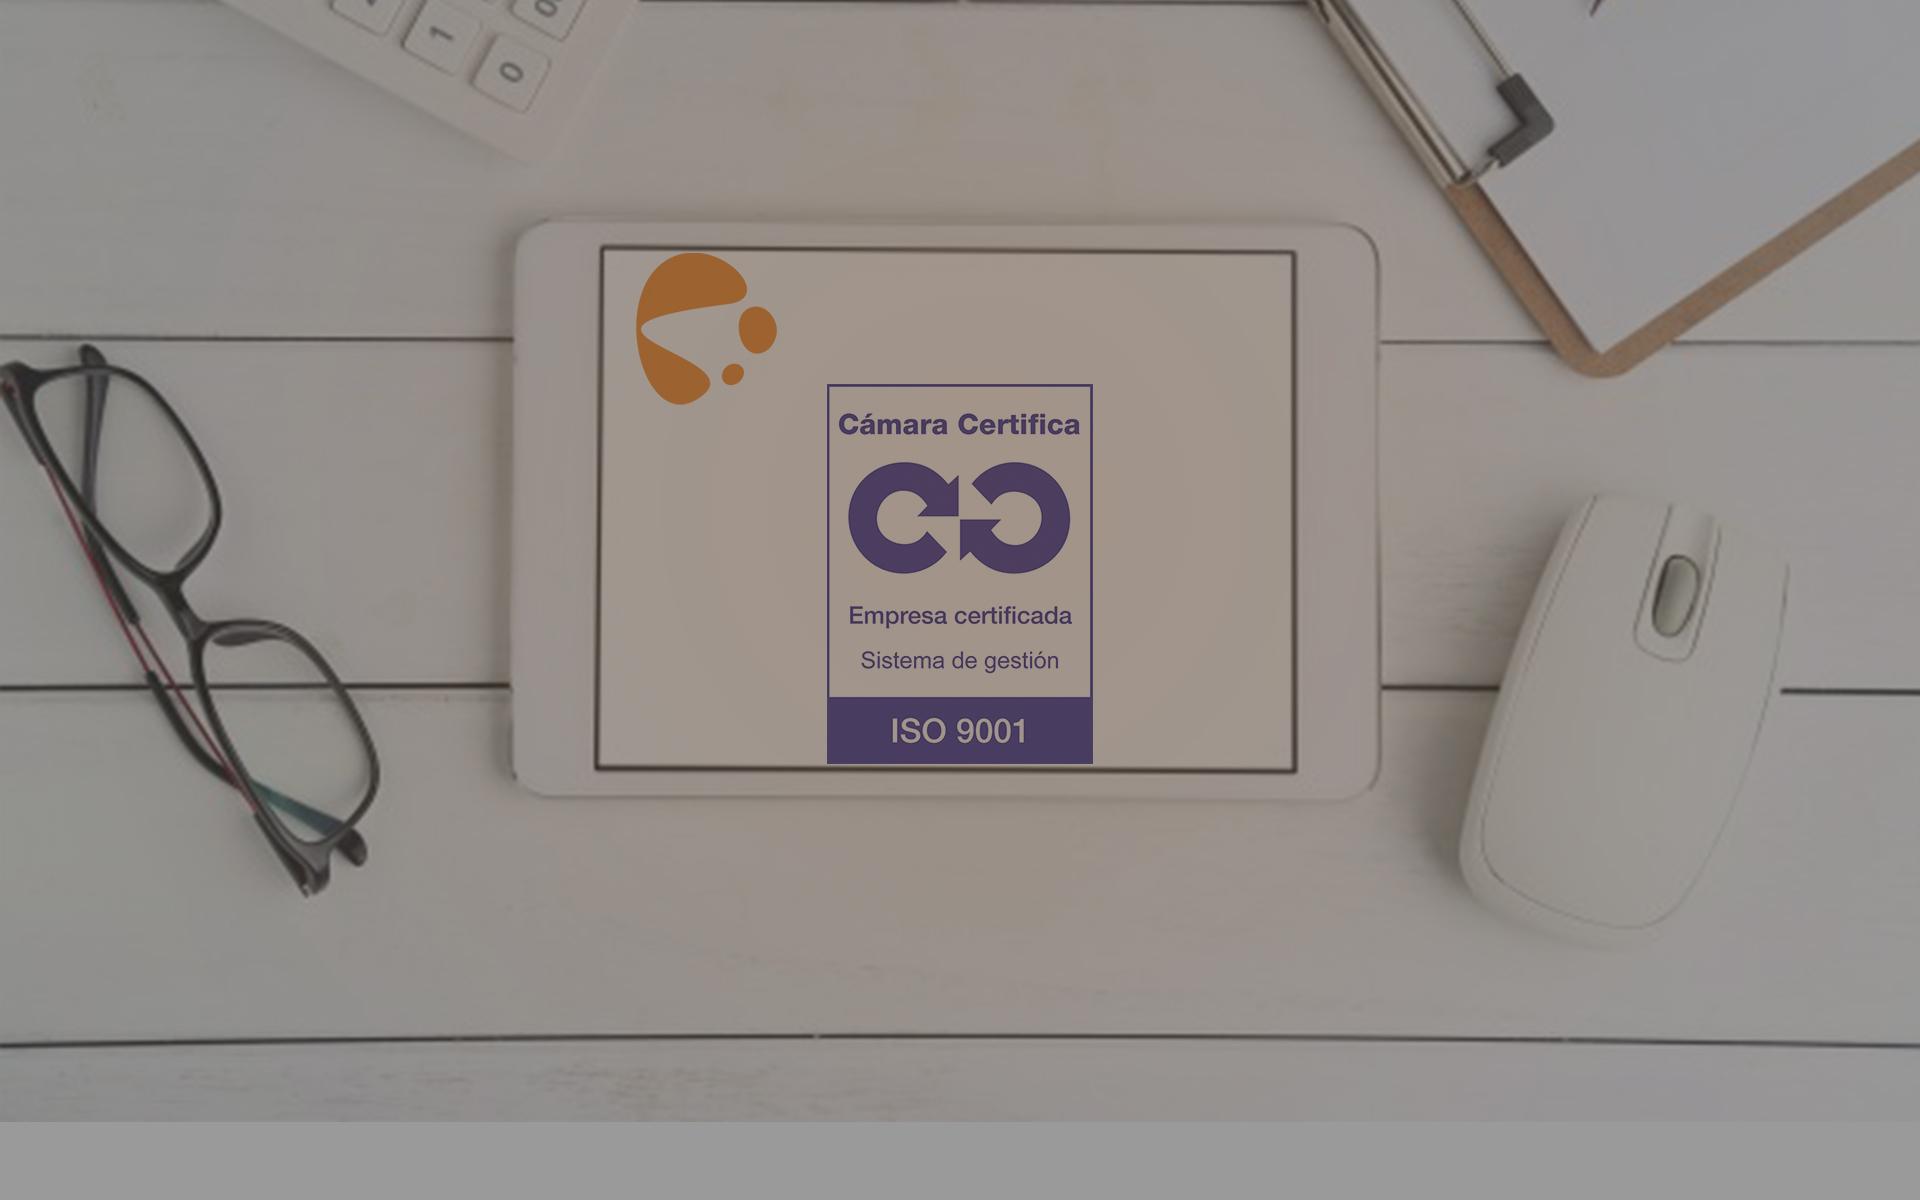 Nuestros procesos están certificados bajo la Norma ISO 9001:2015